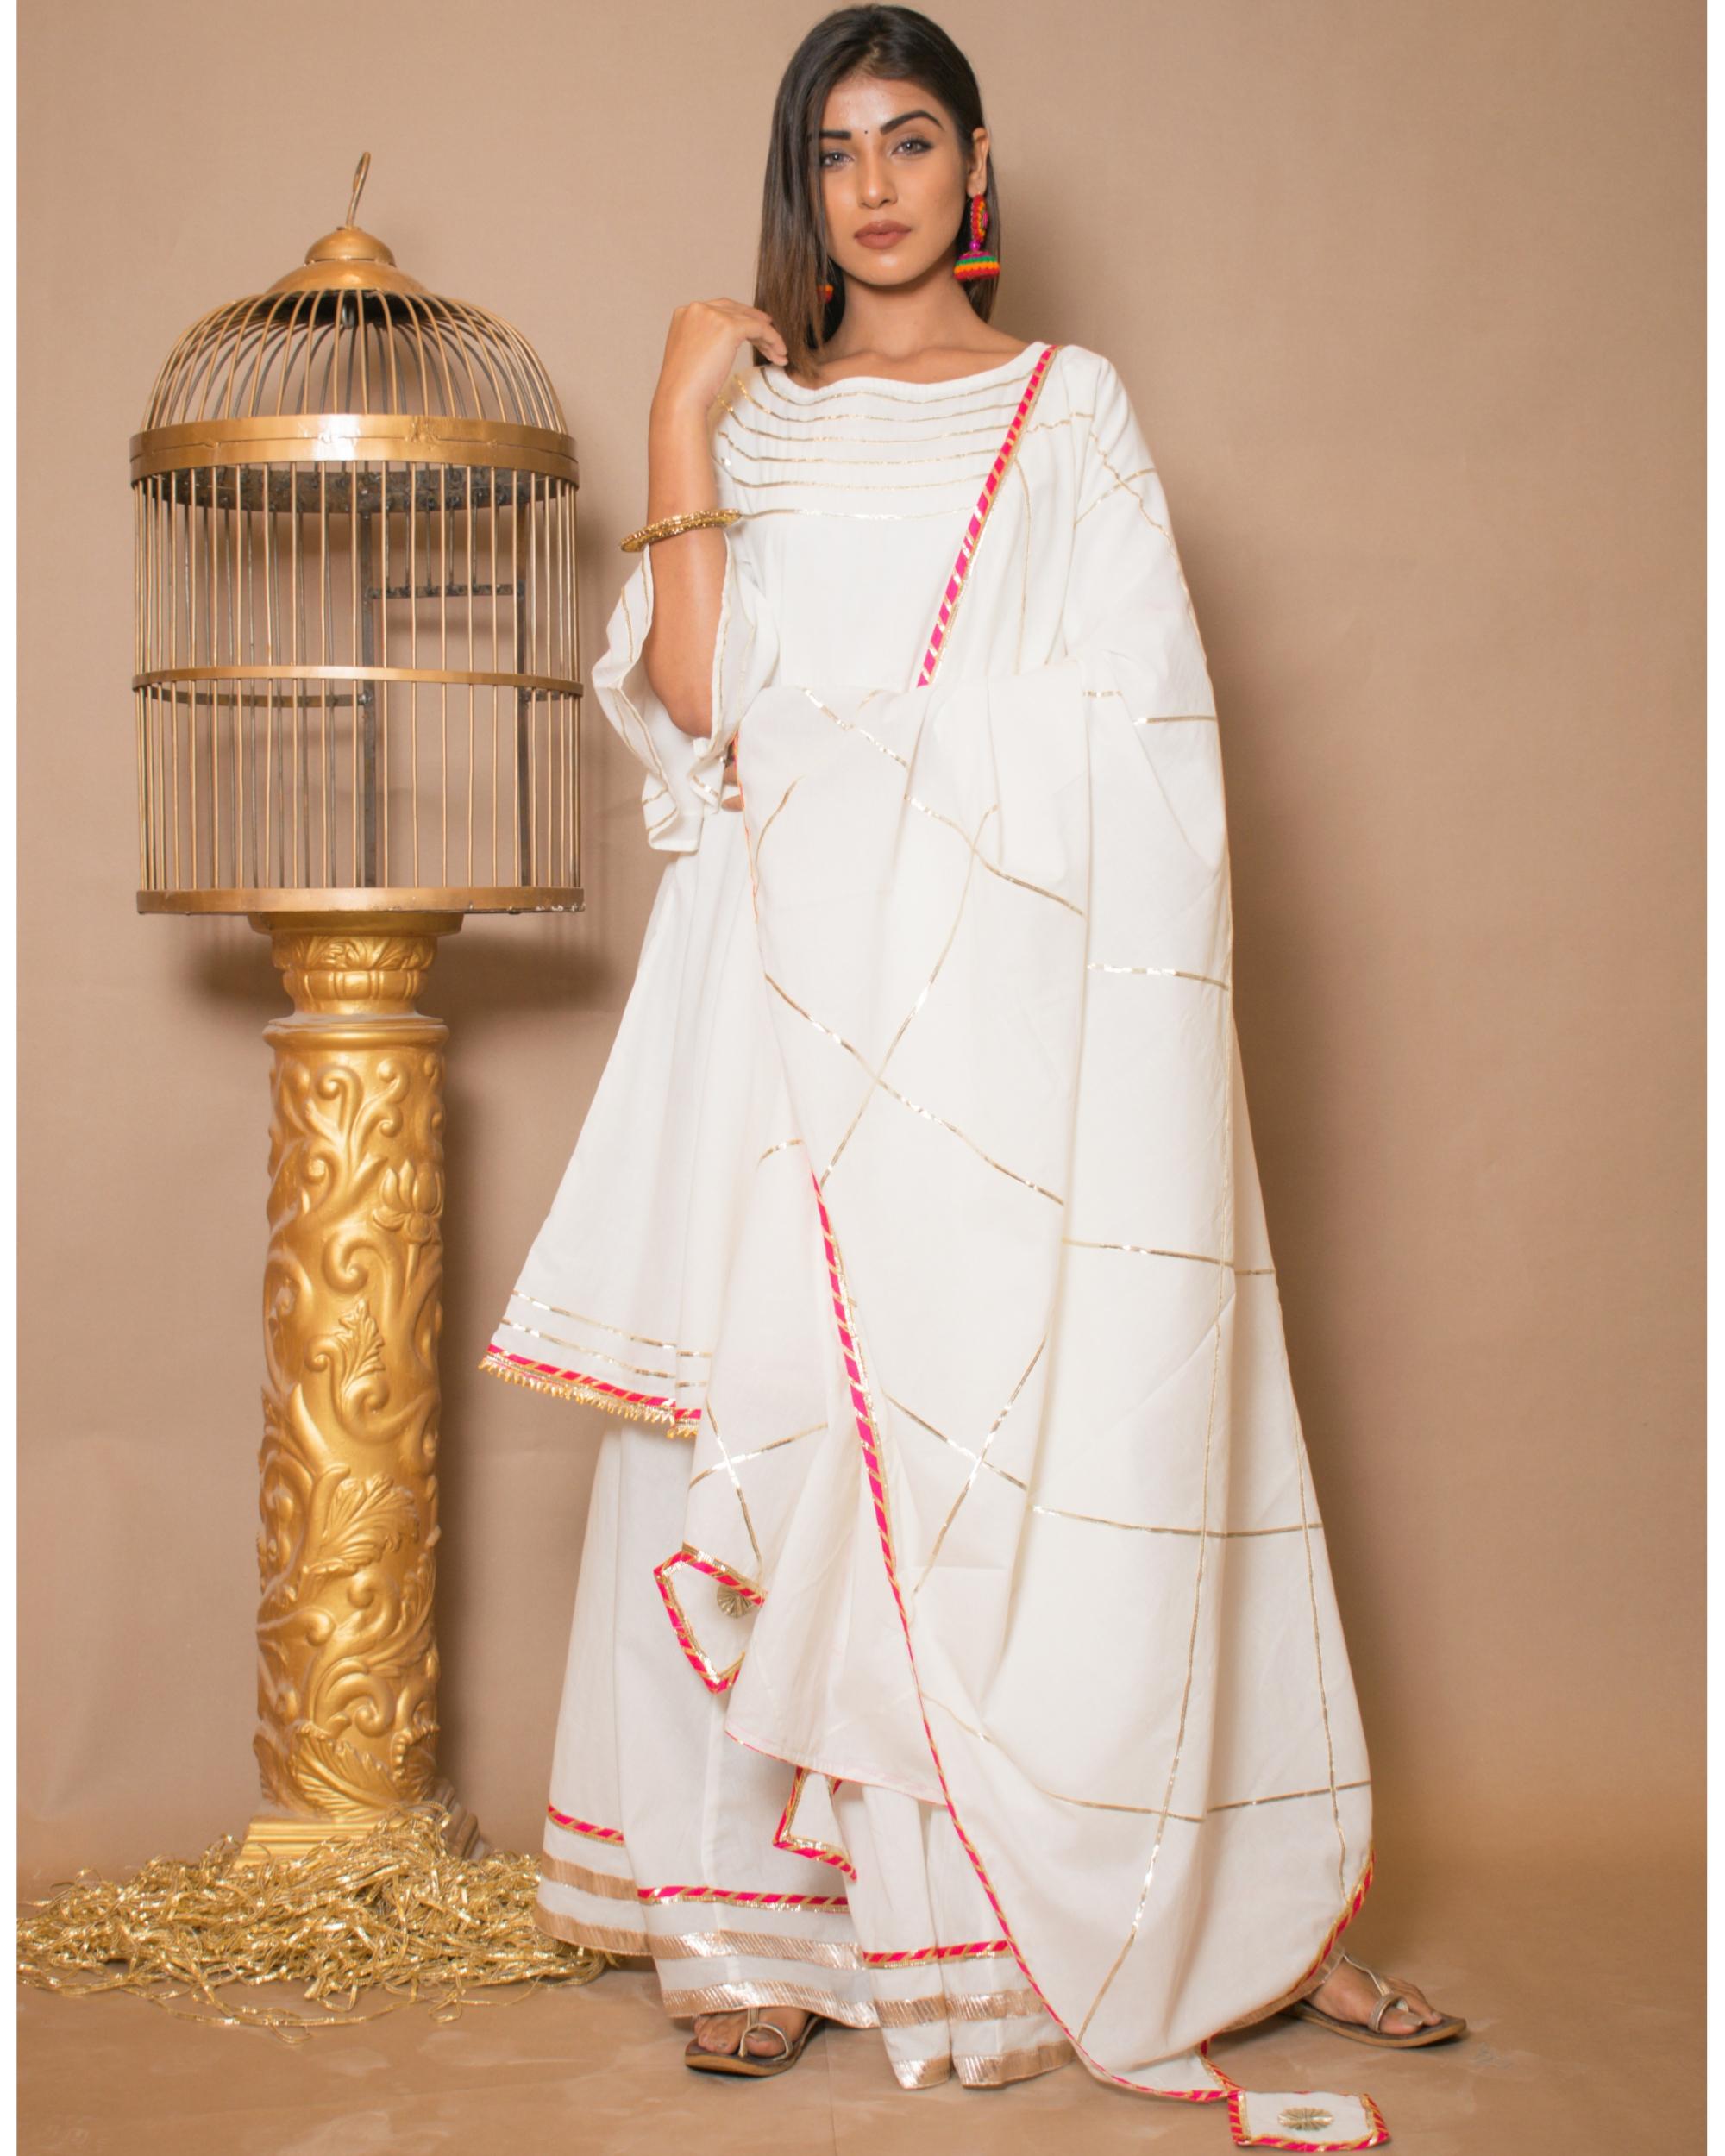 Off white kurta and skirt with dupatta - set of three